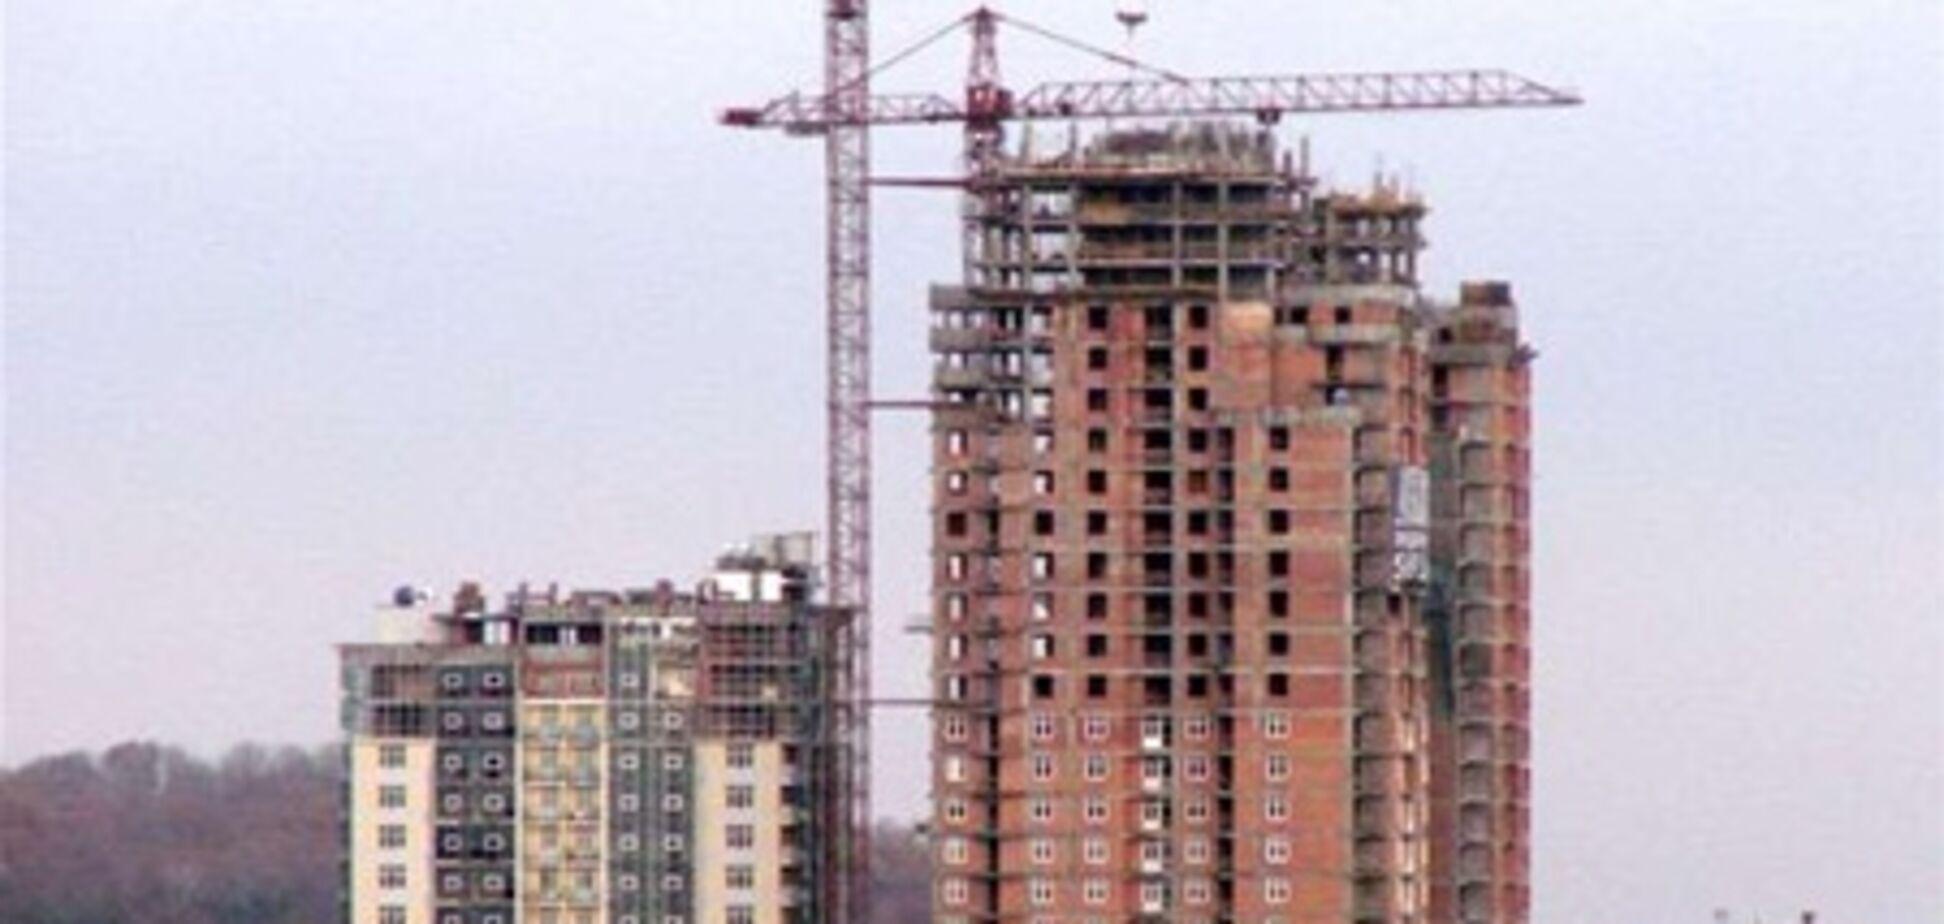 Падение объемов строительства увеличилось до 12%